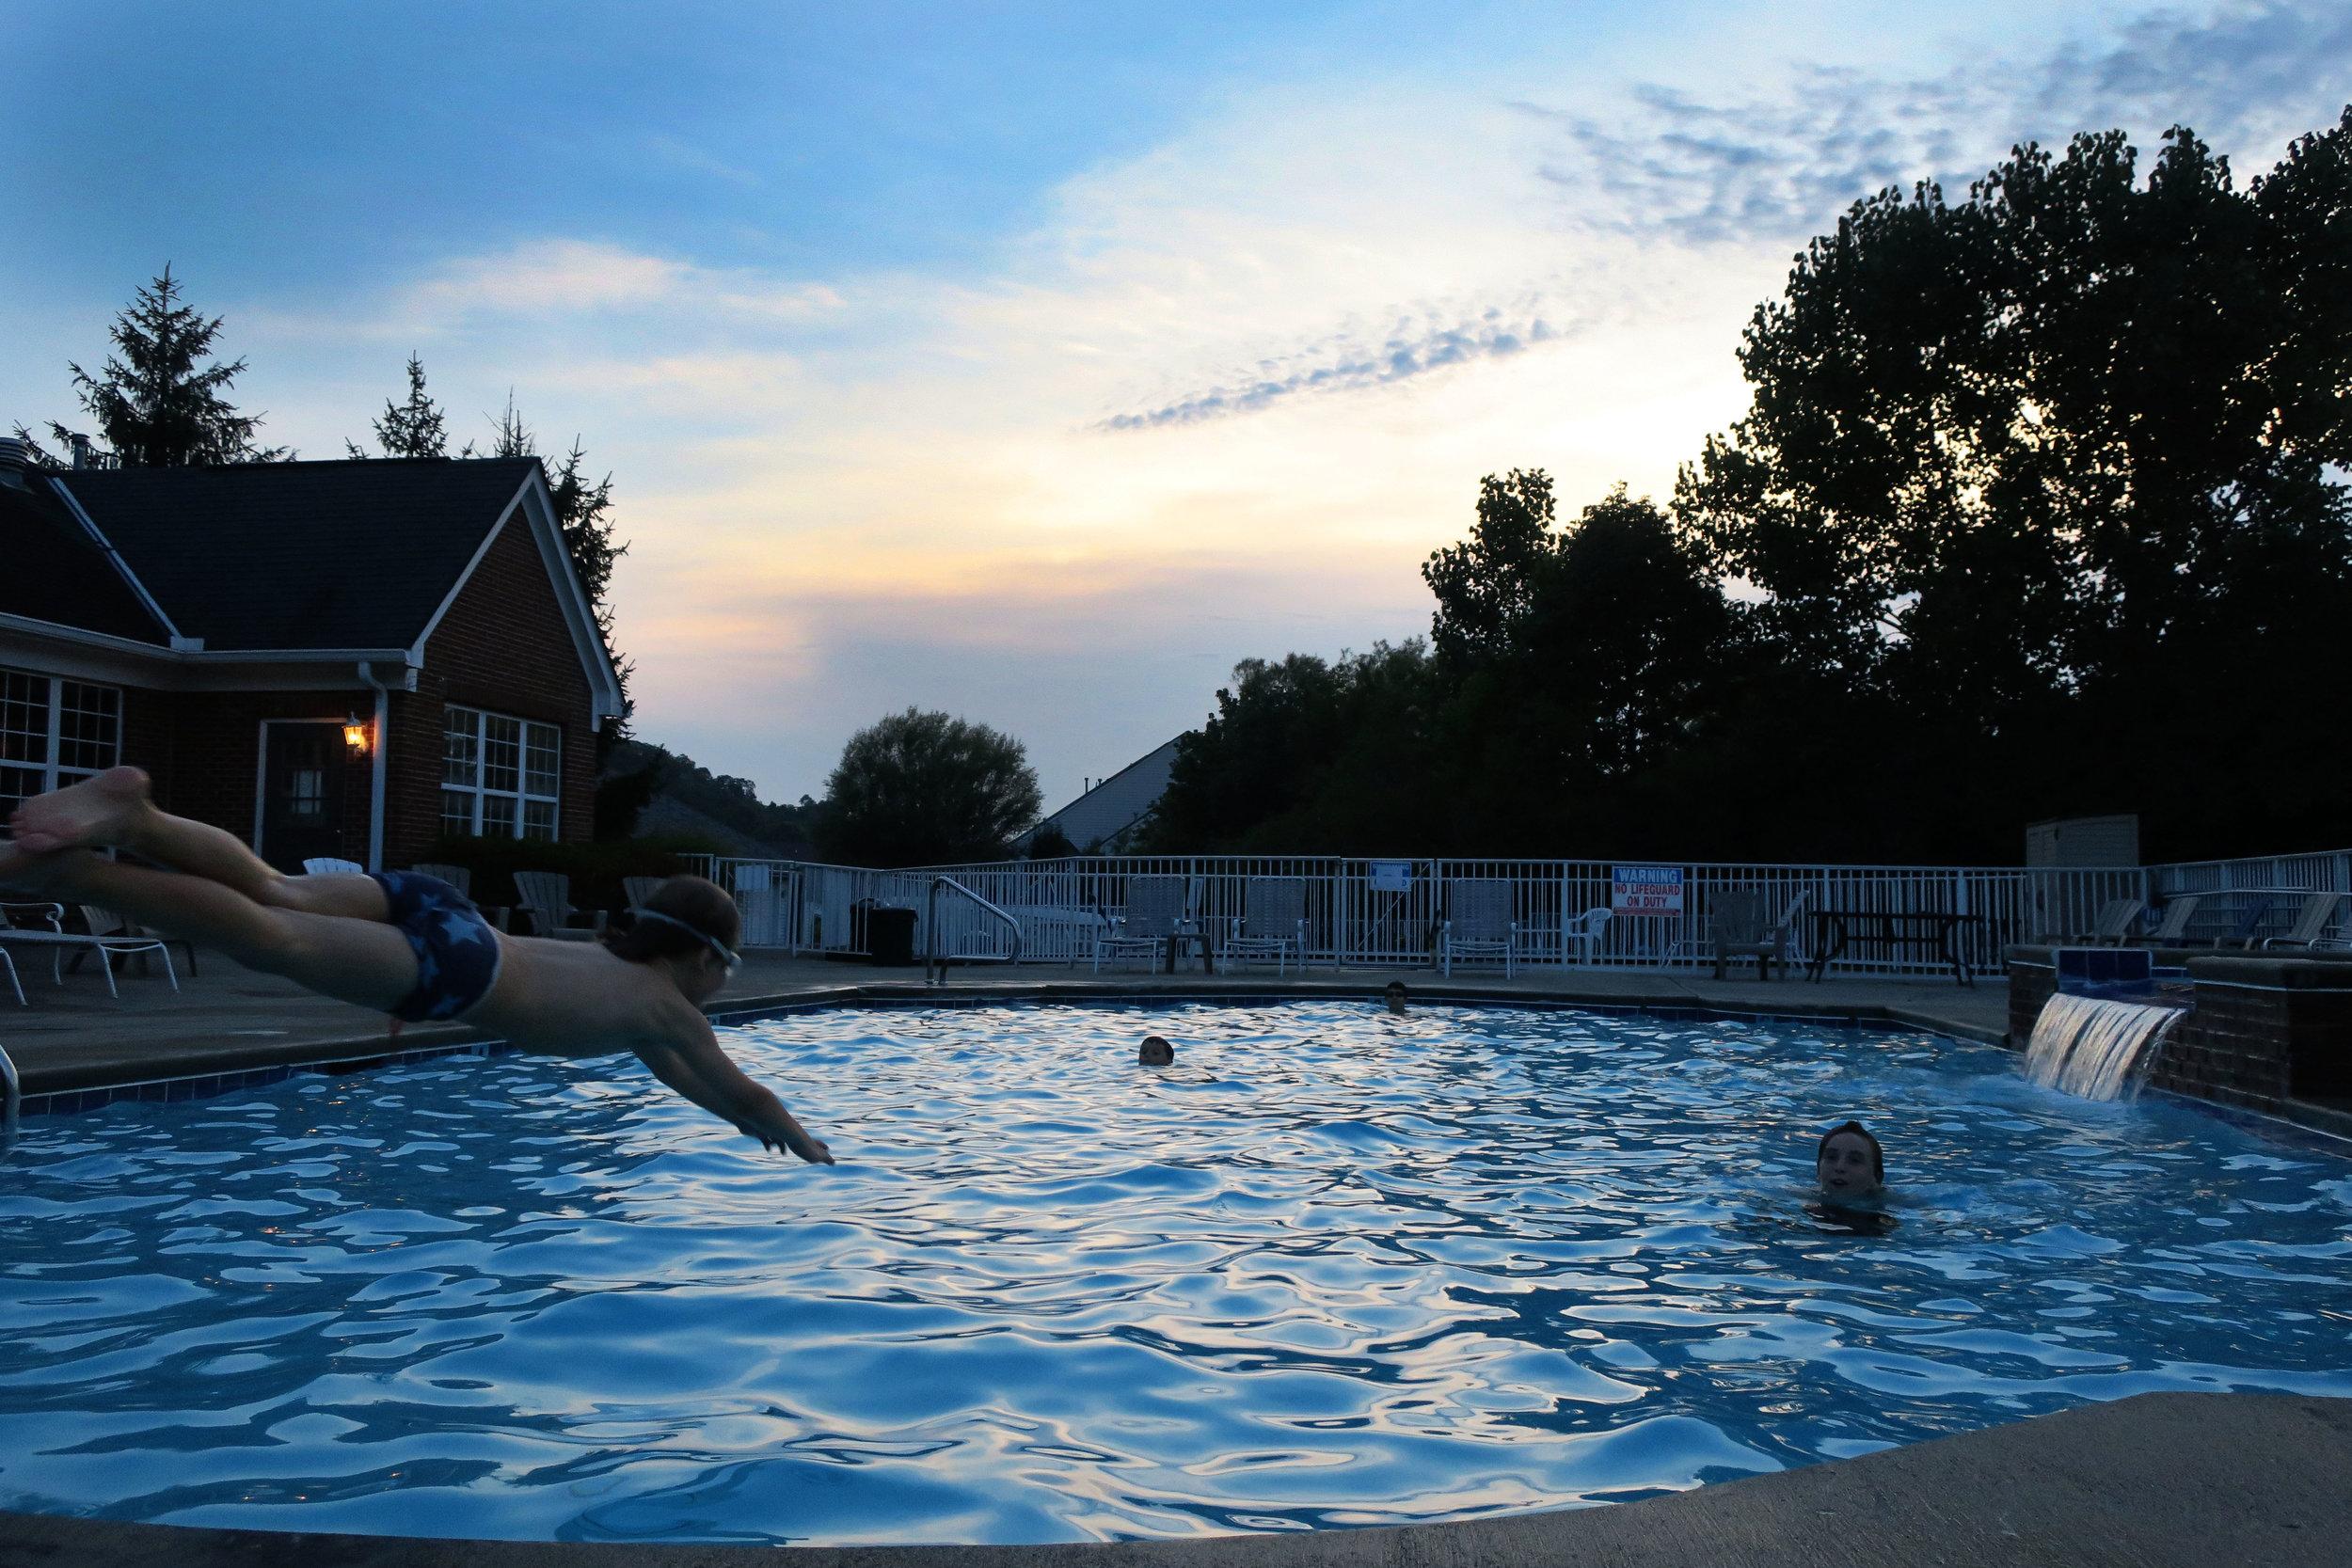 Day 46 - Evening swim - NO DIVING!